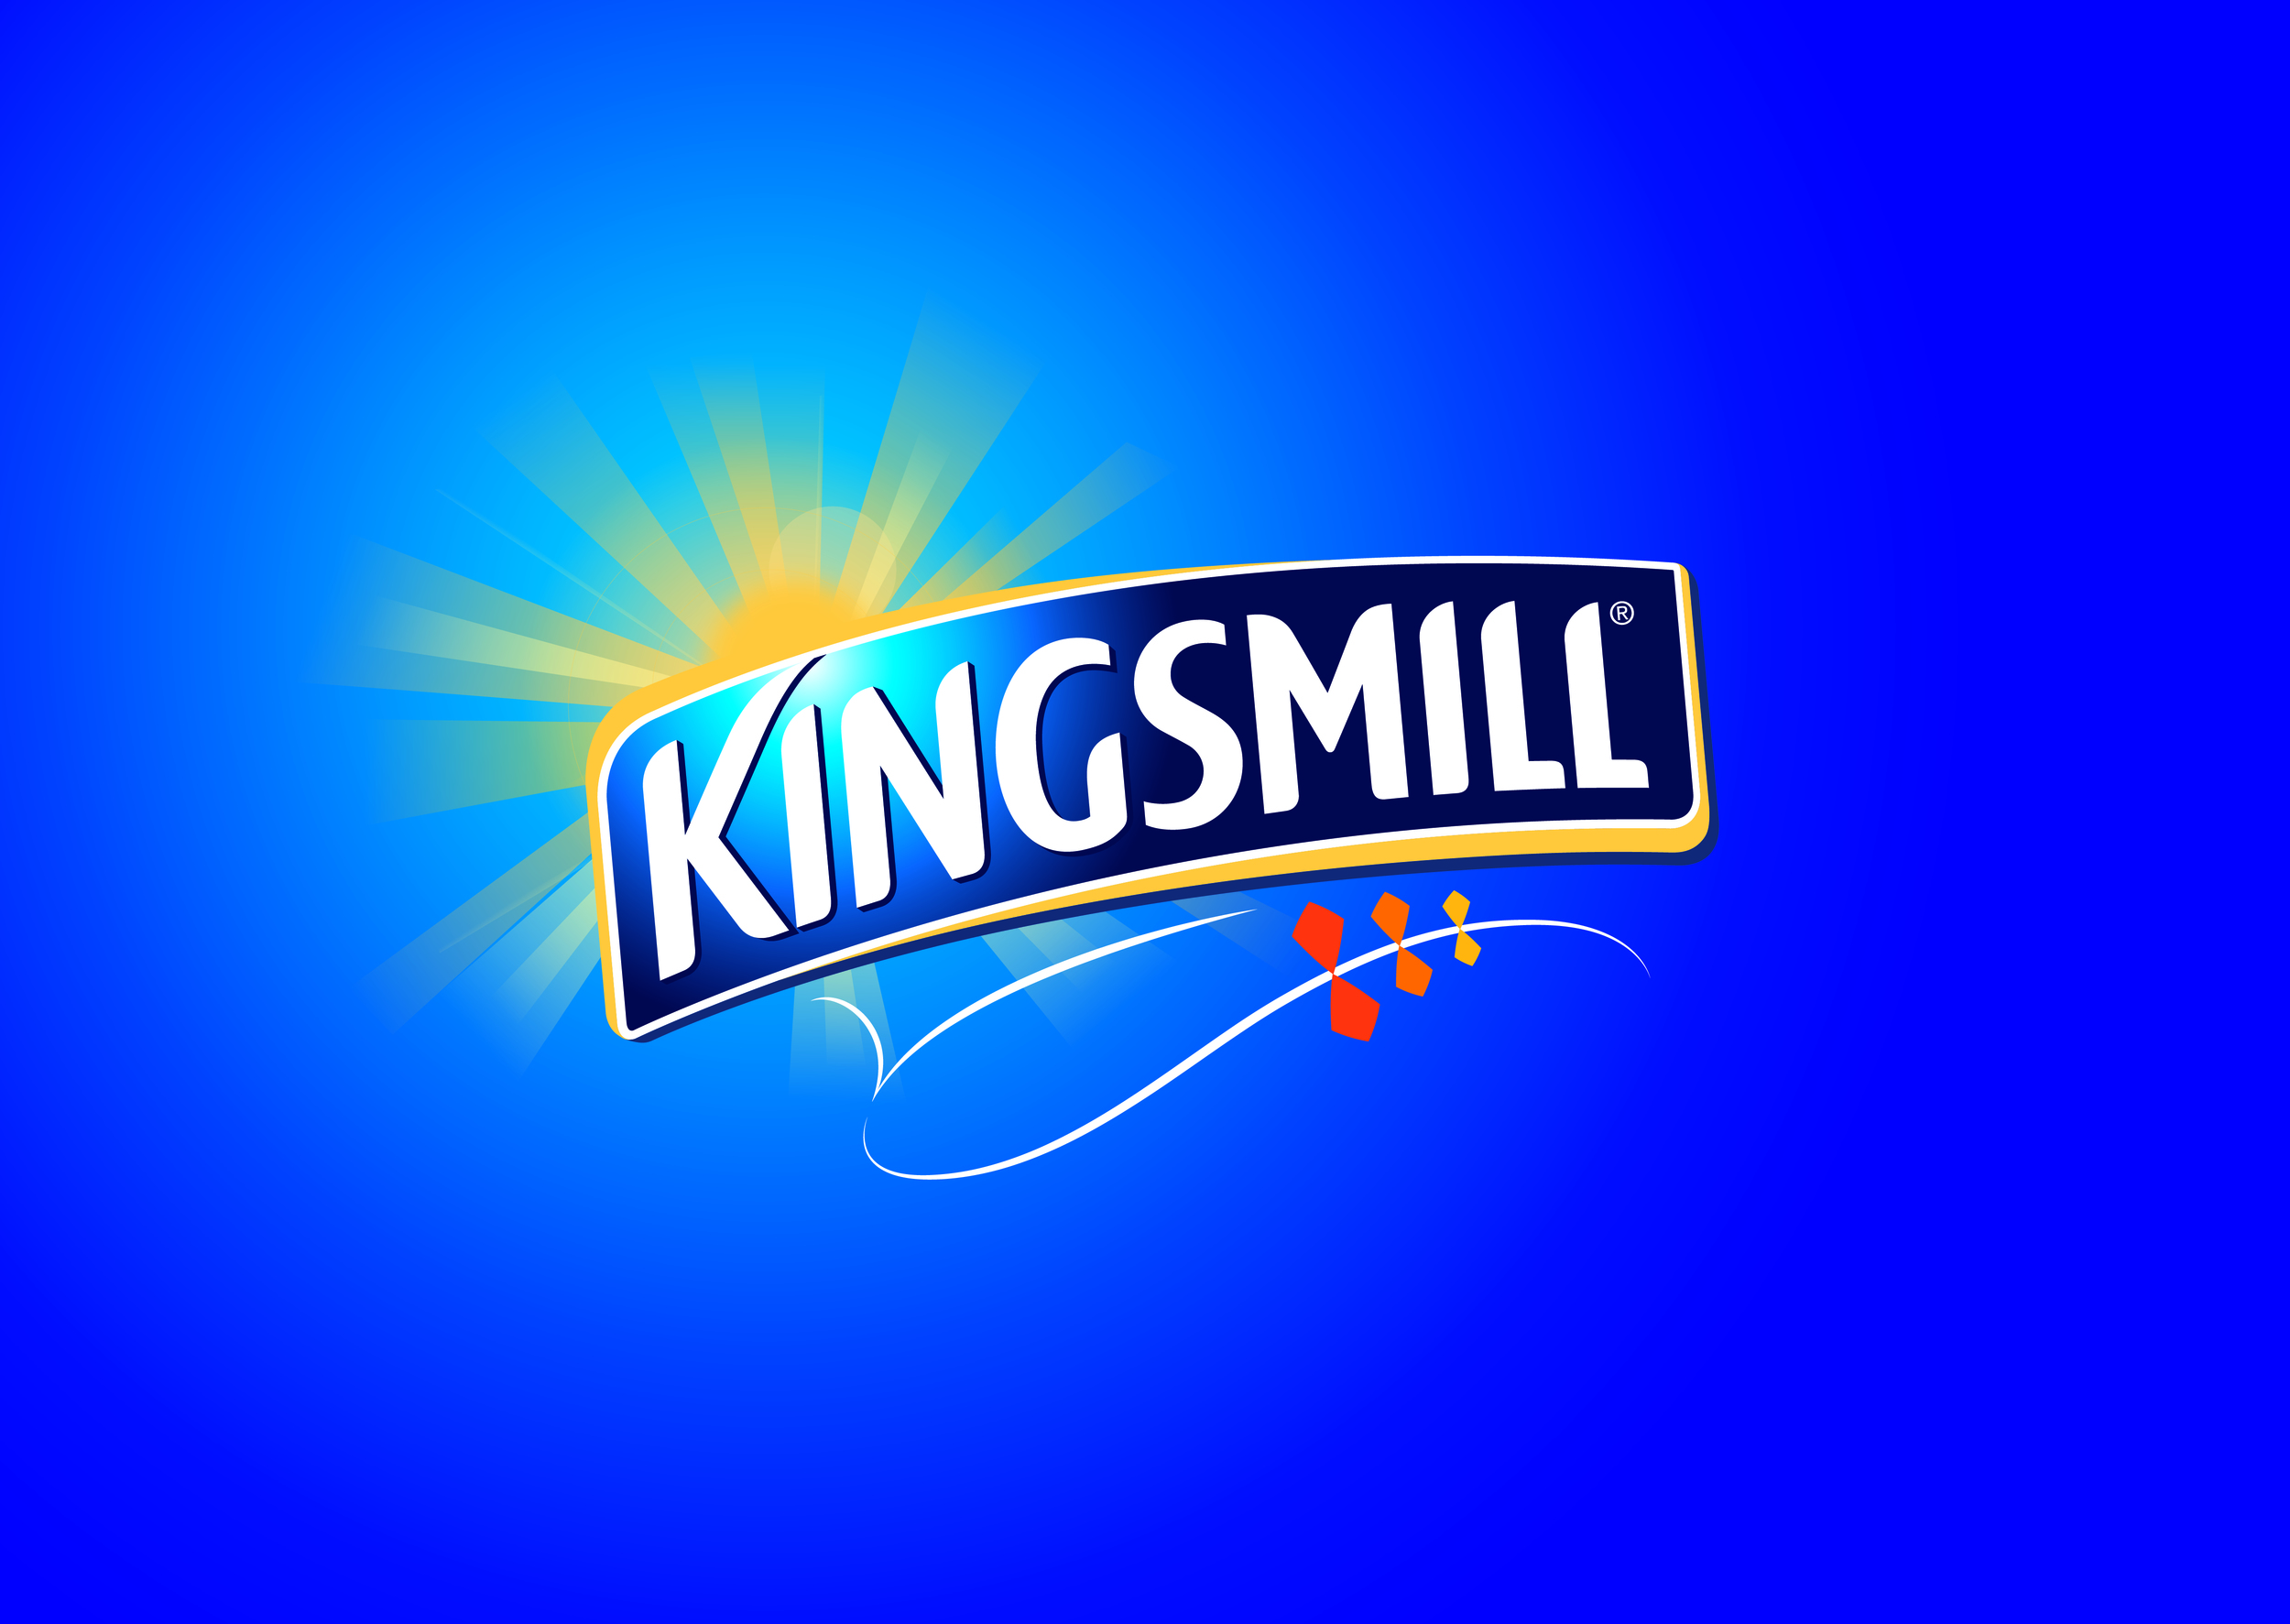 abf_kin_red_kingsmill_vector_logo_cmyk.jpg